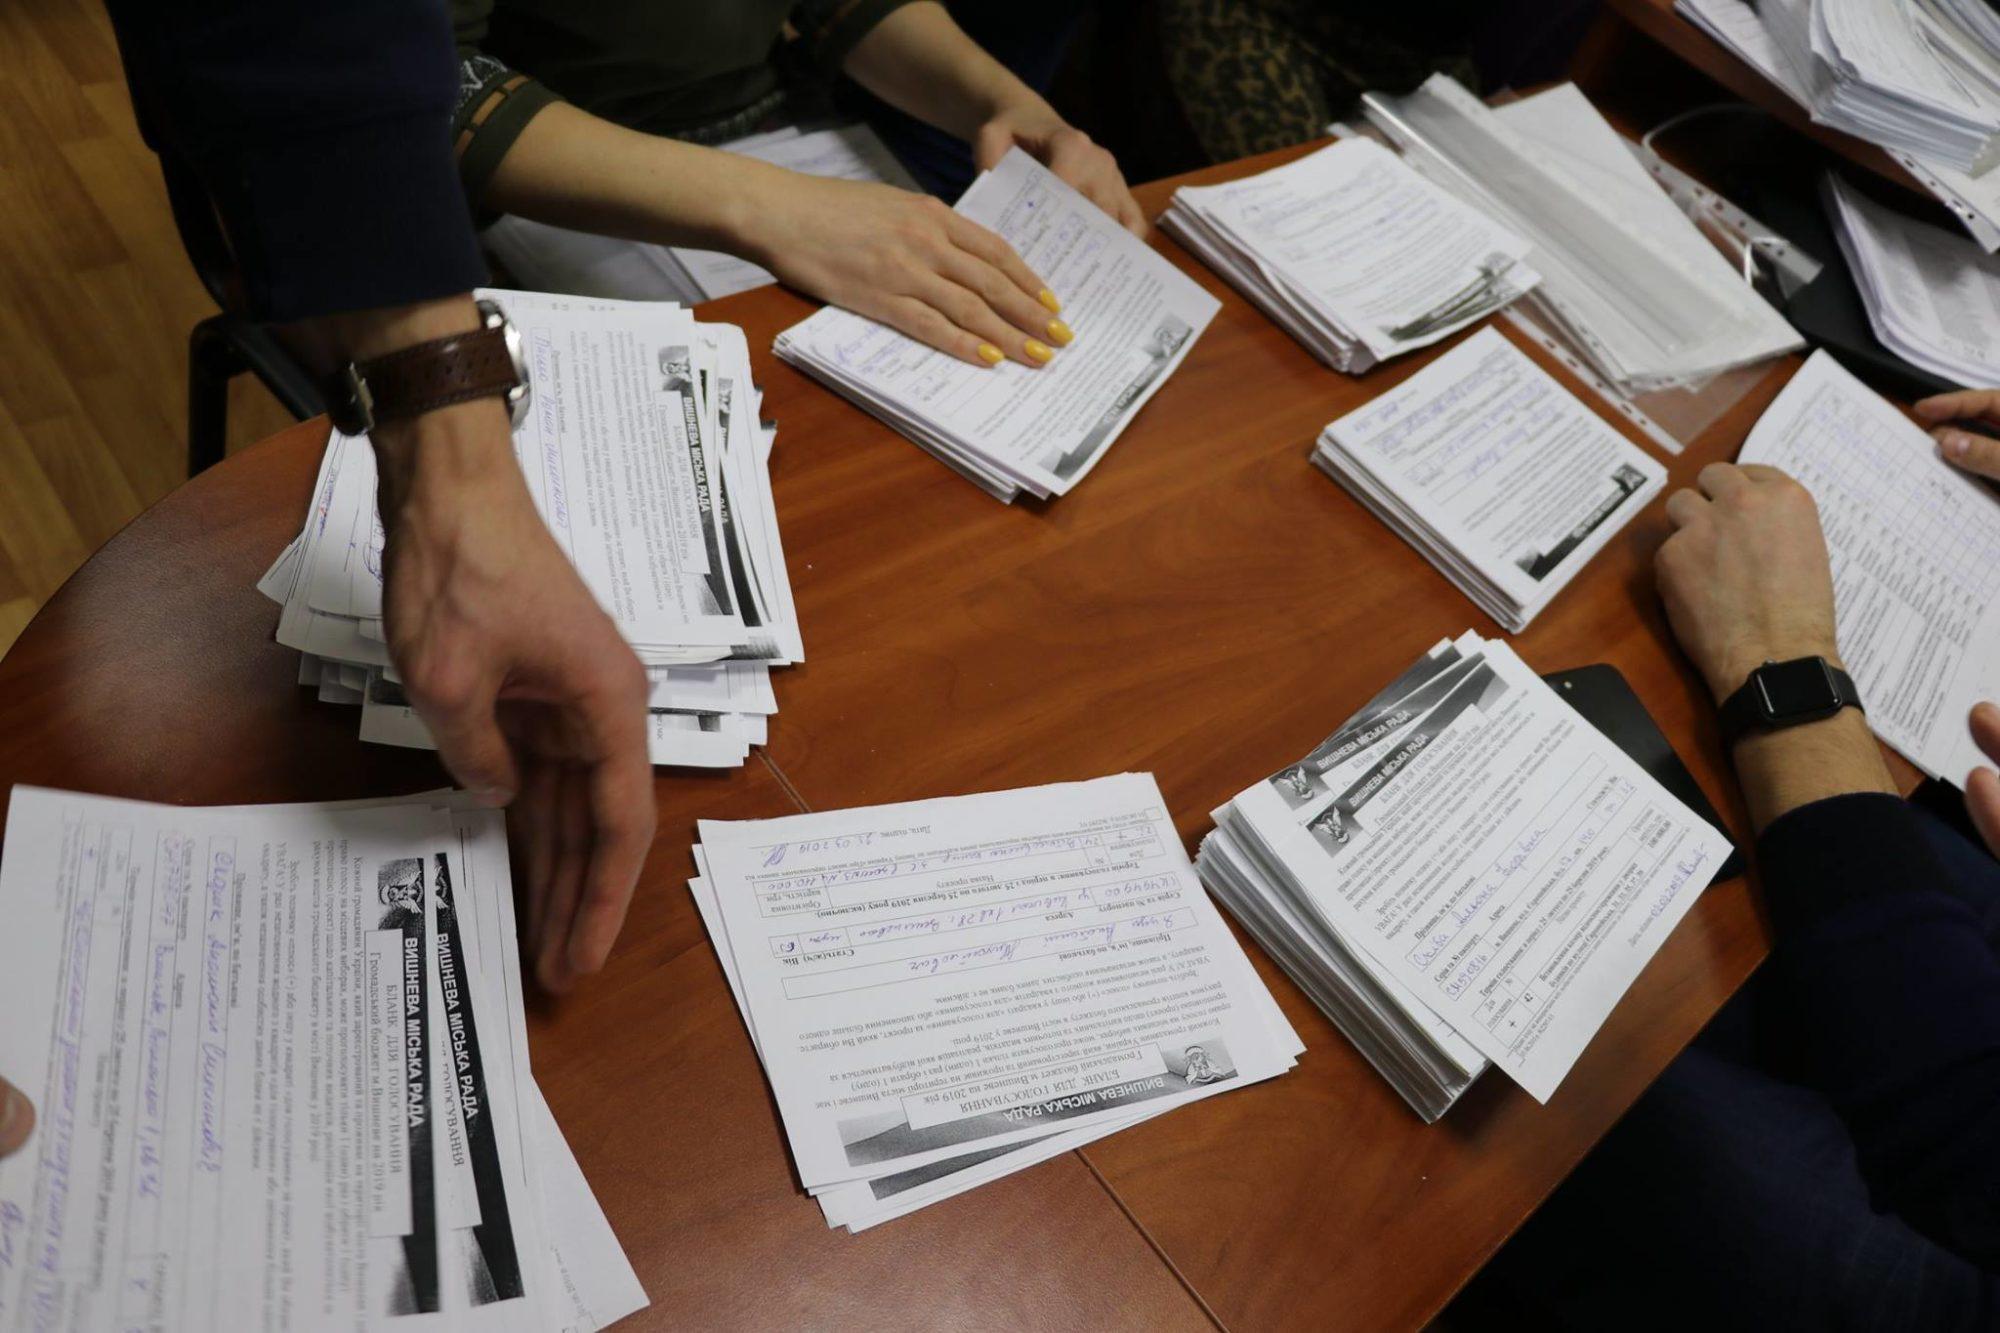 Підрахували: у Вишневому визначили лідерів громадського бюджету -  - 56280030 2290138164592389 8878925576795062272 o 2000x1333